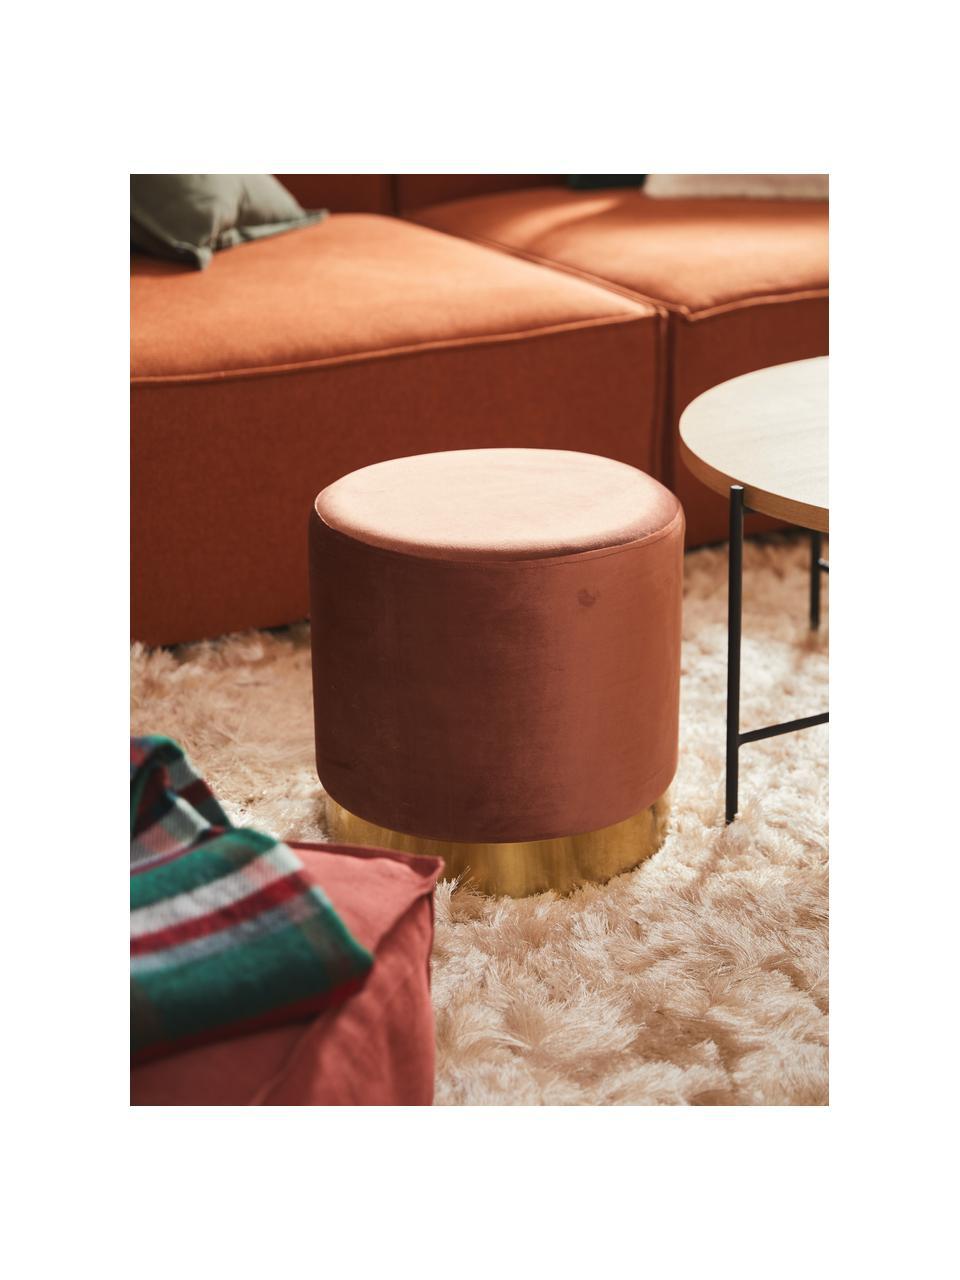 Samt-Hocker Orchid in Braun, Bezug: Samt (100% Polyester) Der, Rahmen: Sperrholz, Samt Braun, Goldfarben, Ø 38 x H 38 cm